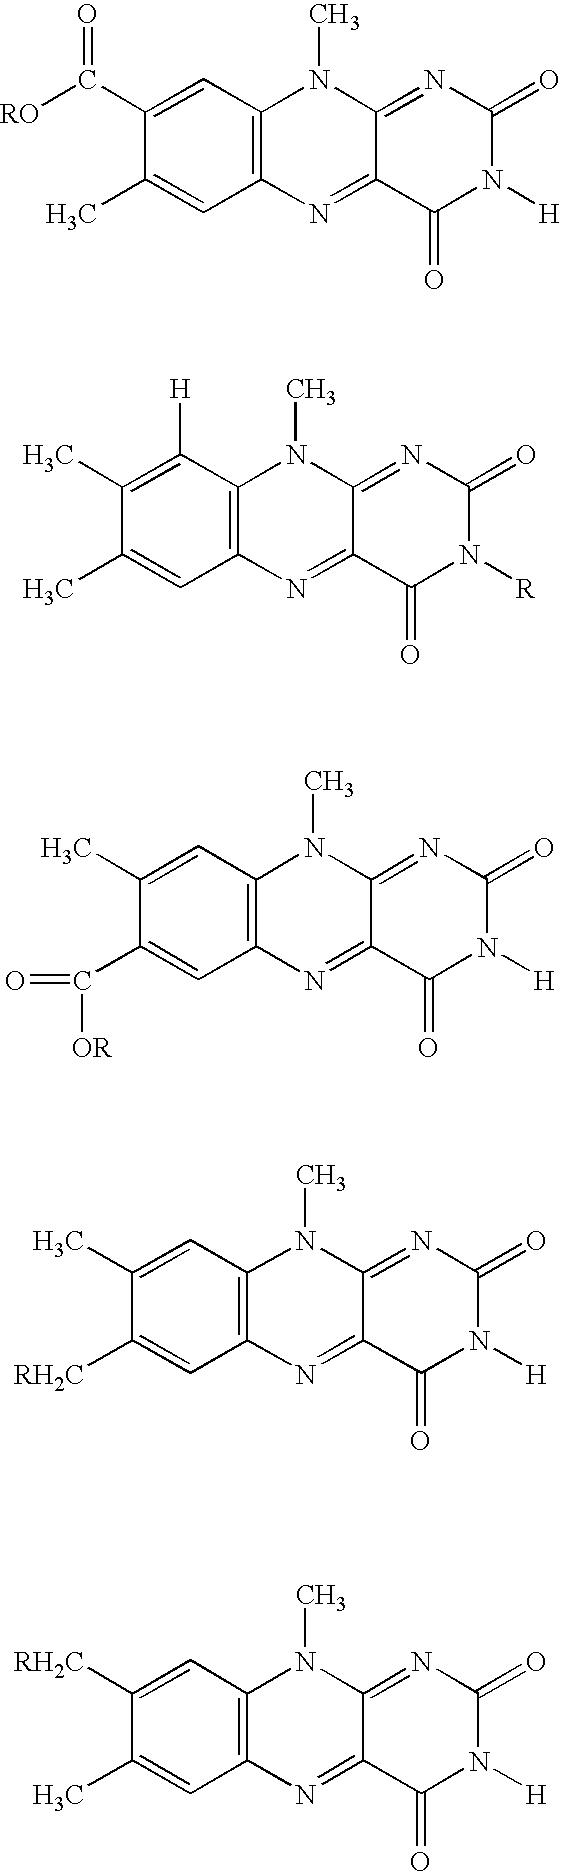 Figure US20040018997A1-20040129-C00005